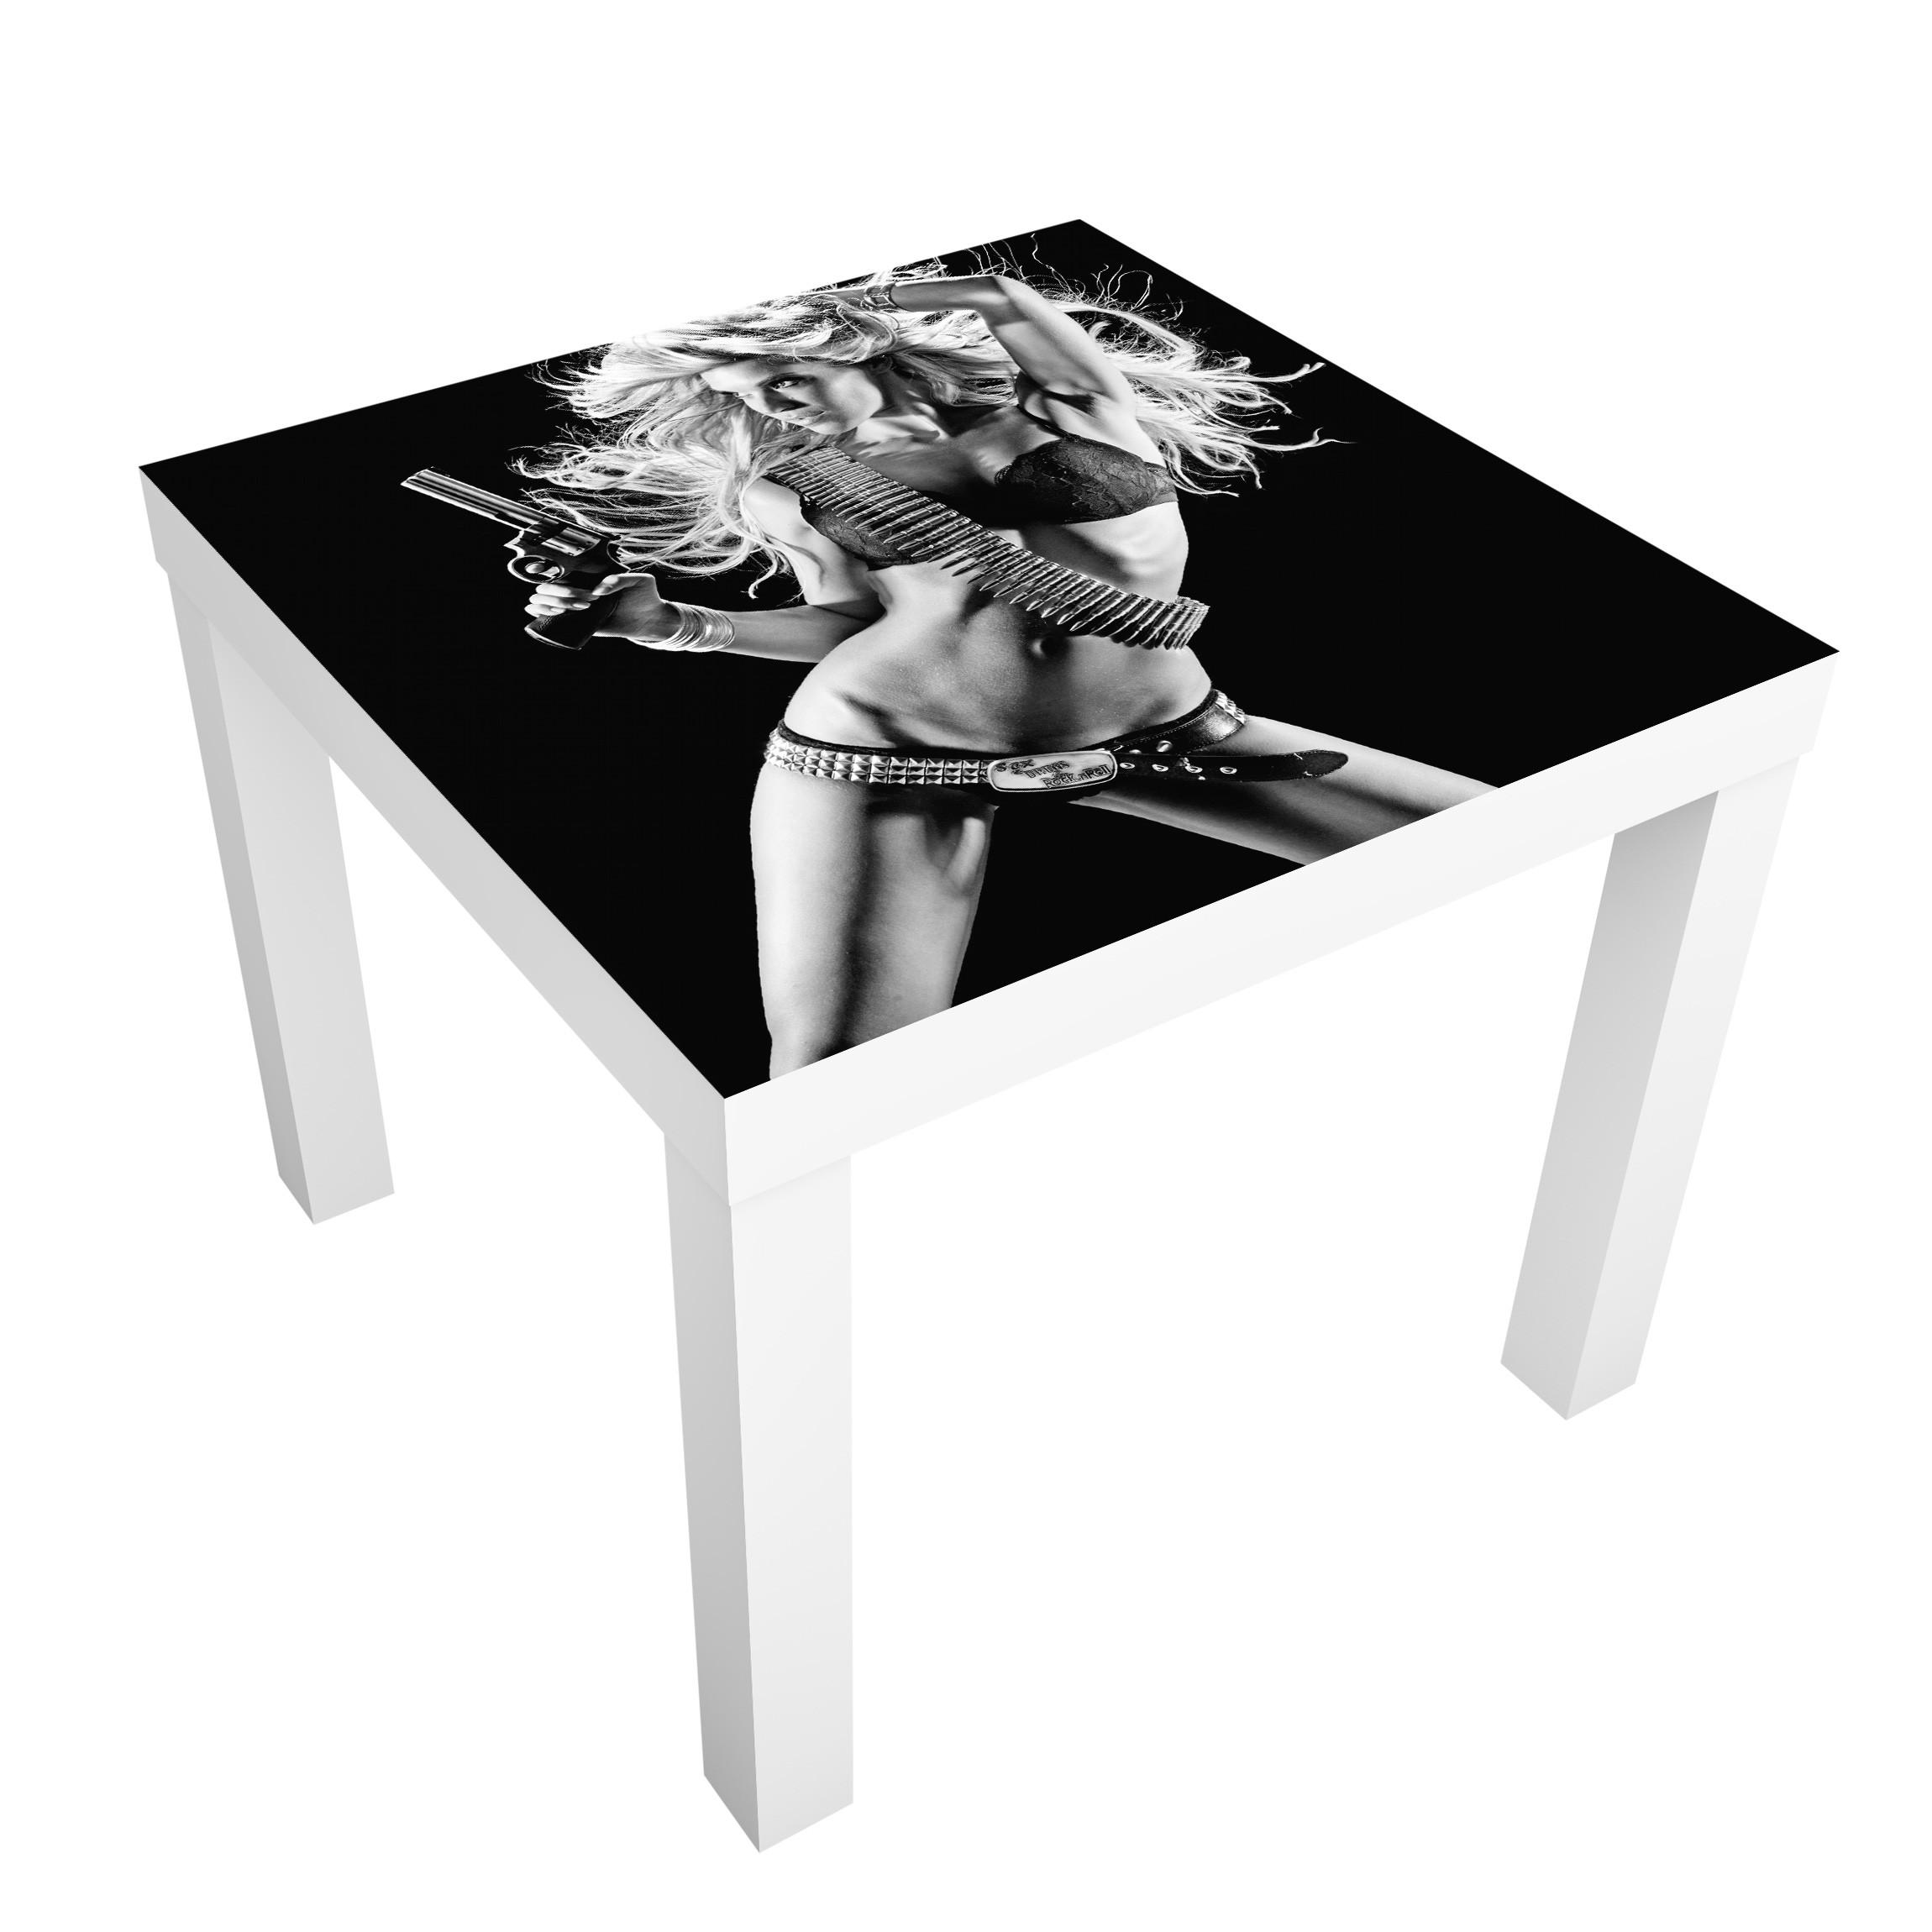 Carta adesiva per mobili ikea lack tavolino bang bang baby - Carta adesiva colorata per mobili ...